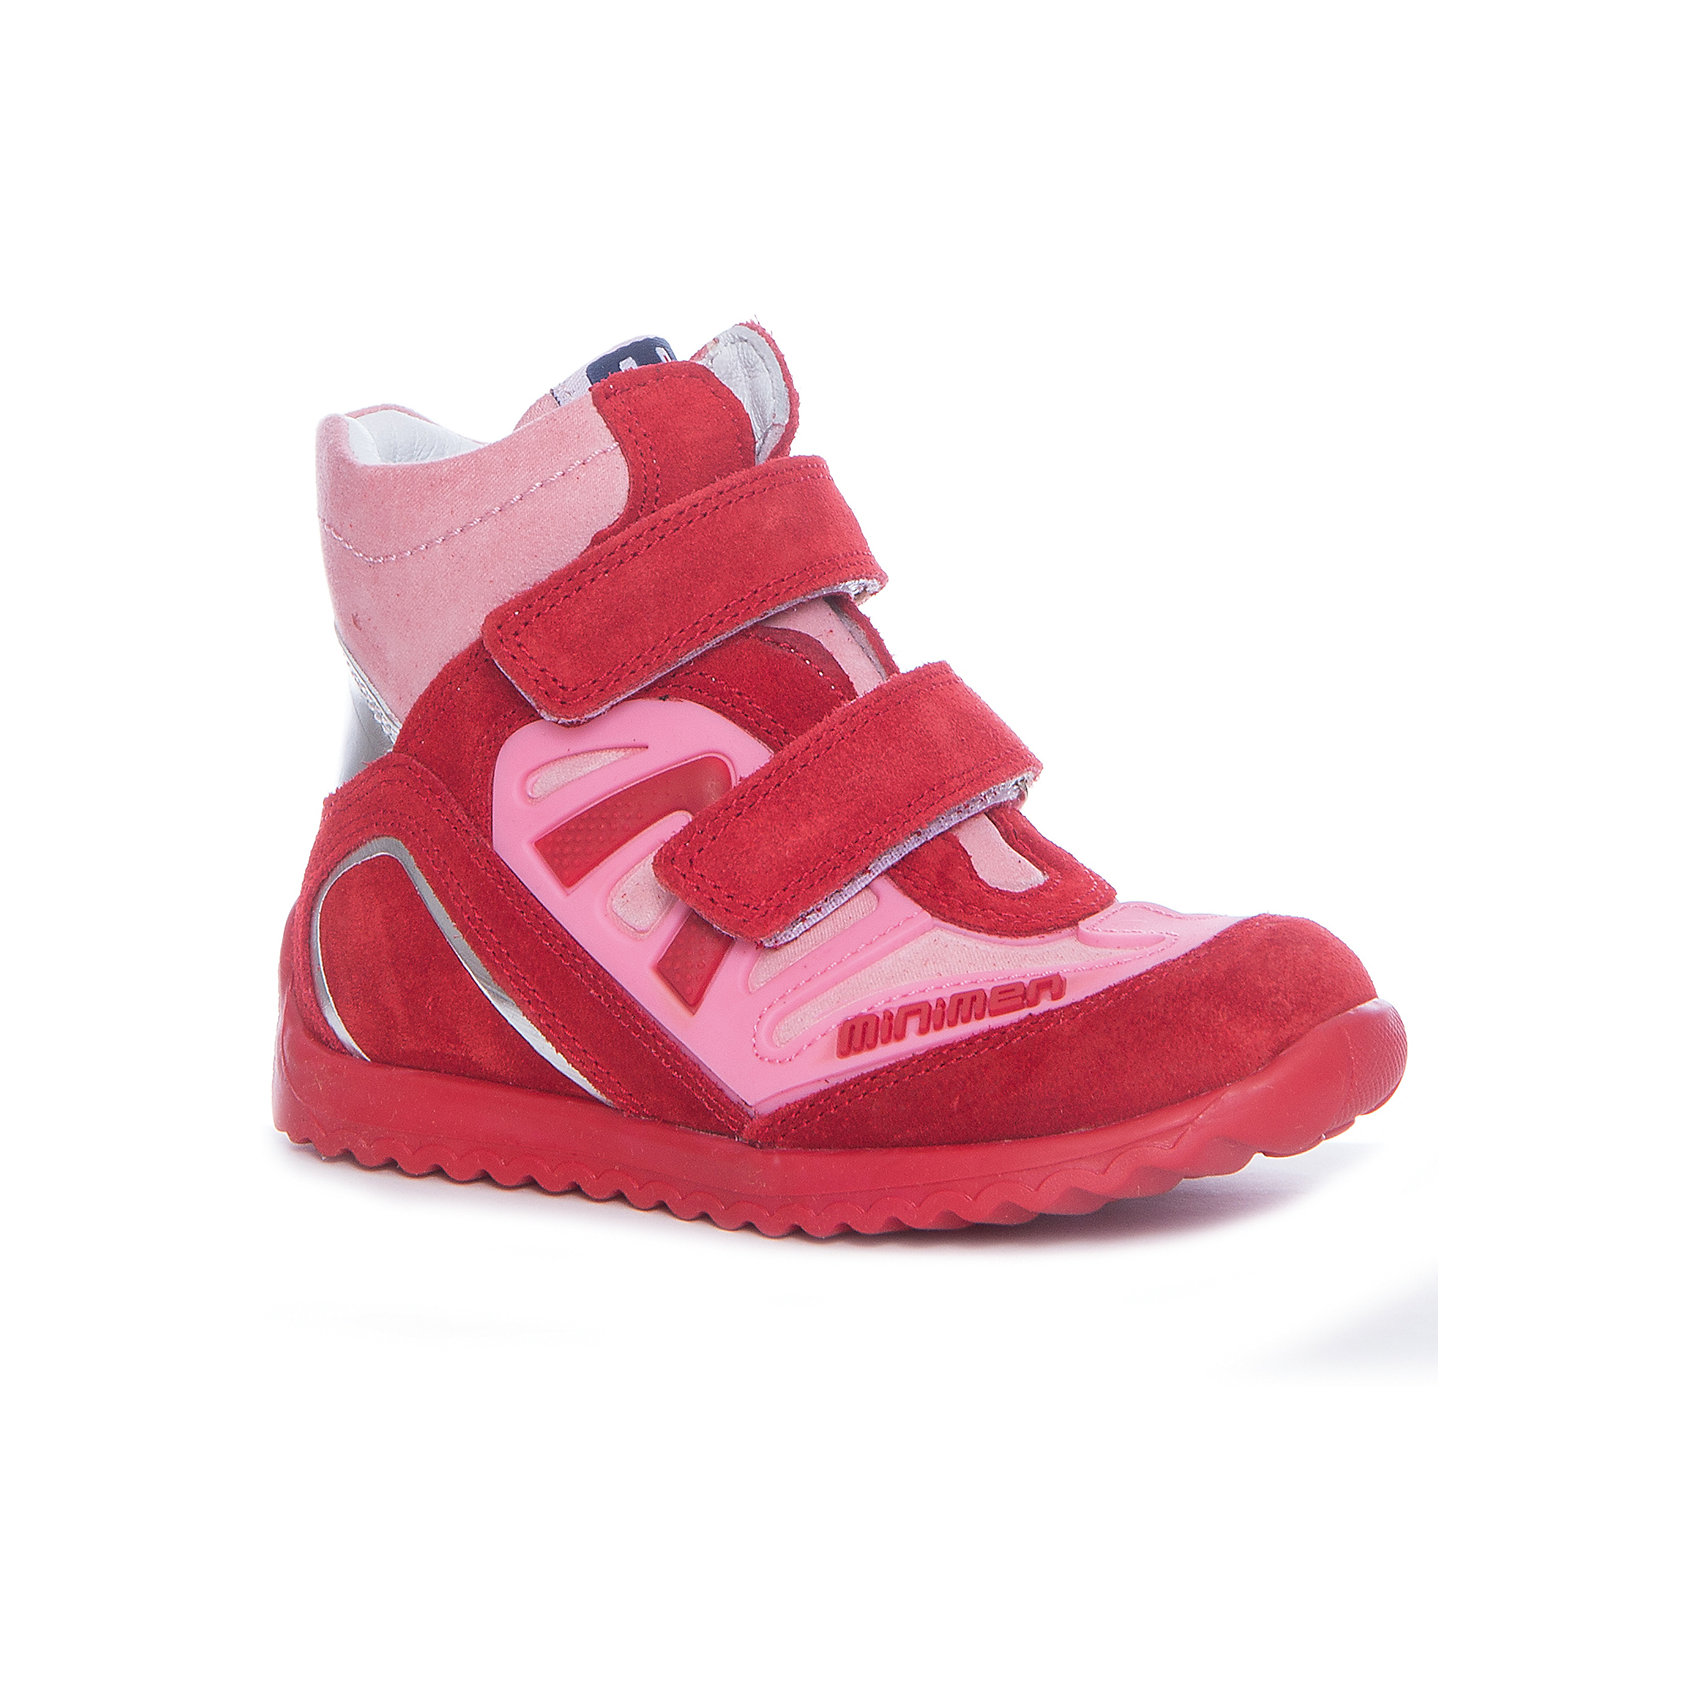 Ботинки для девочки MINIMENБотинки<br>Характеристики товара:<br><br>• цвет: розовый/красный<br>• внешний материал: натуральная замша, натуральная кожа<br>• внутренний материал: текстиль<br>• стелька: натуральная кожа<br>• подошва: полиуретан<br>• температурный режим: от 0°С до +10°С<br>• наличие супинатора<br>• высокий жёсткий задник<br>• профилактическая анатомическая модель<br>• застёжка: два ремешка с липучками<br>• усиленный защищённый мыс и пятка<br>• страна бренда: Турция<br>• страна производства: Турция<br><br>Модные демисезонные ботинки сделаны из качественного текстиля и натуральной кожи, которые помогают ногам находиться в комфортных условиях: впитывают лишнюю влагу и правильно распределяют нагрузку. Полуботинки легко надеваются, очень симпатично выглядят. Это действительно удобная и качественная обувь. Правильно подобранная детская обувь - залог здорового развития не только стопы, но и всего организма!<br><br>Ботинки от известного бренда Minimen (Минимен) можно купить в нашем интернет-магазине.<br><br>Ширина мм: 262<br>Глубина мм: 176<br>Высота мм: 97<br>Вес г: 427<br>Цвет: разноцветный<br>Возраст от месяцев: 72<br>Возраст до месяцев: 84<br>Пол: Женский<br>Возраст: Детский<br>Размер: 25,30,26,27,28,29<br>SKU: 5360573